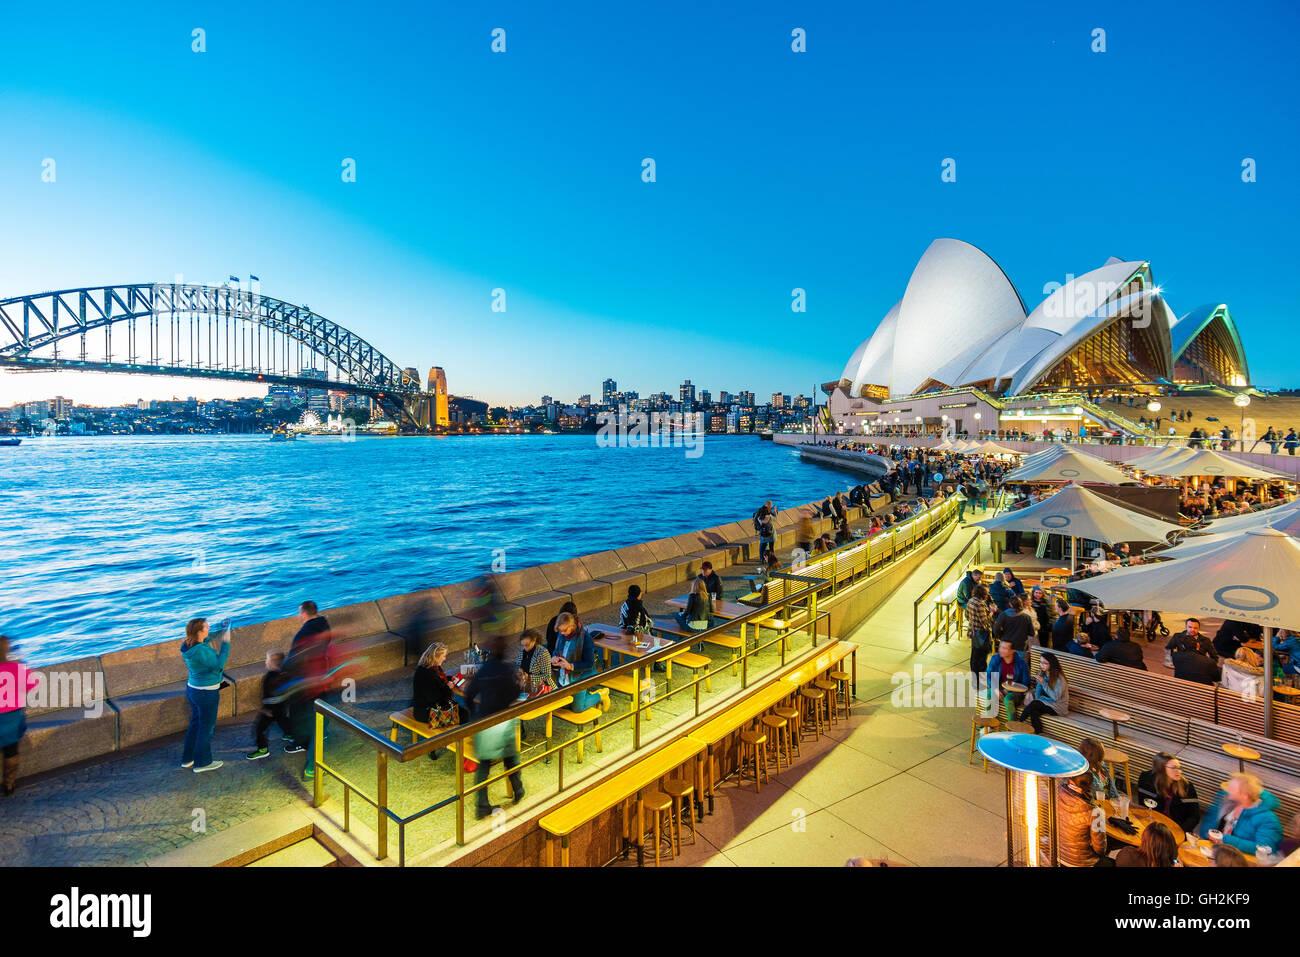 Persone a pranzare in ristoranti esterni in Circular Quay a Sydney in Australia Immagini Stock